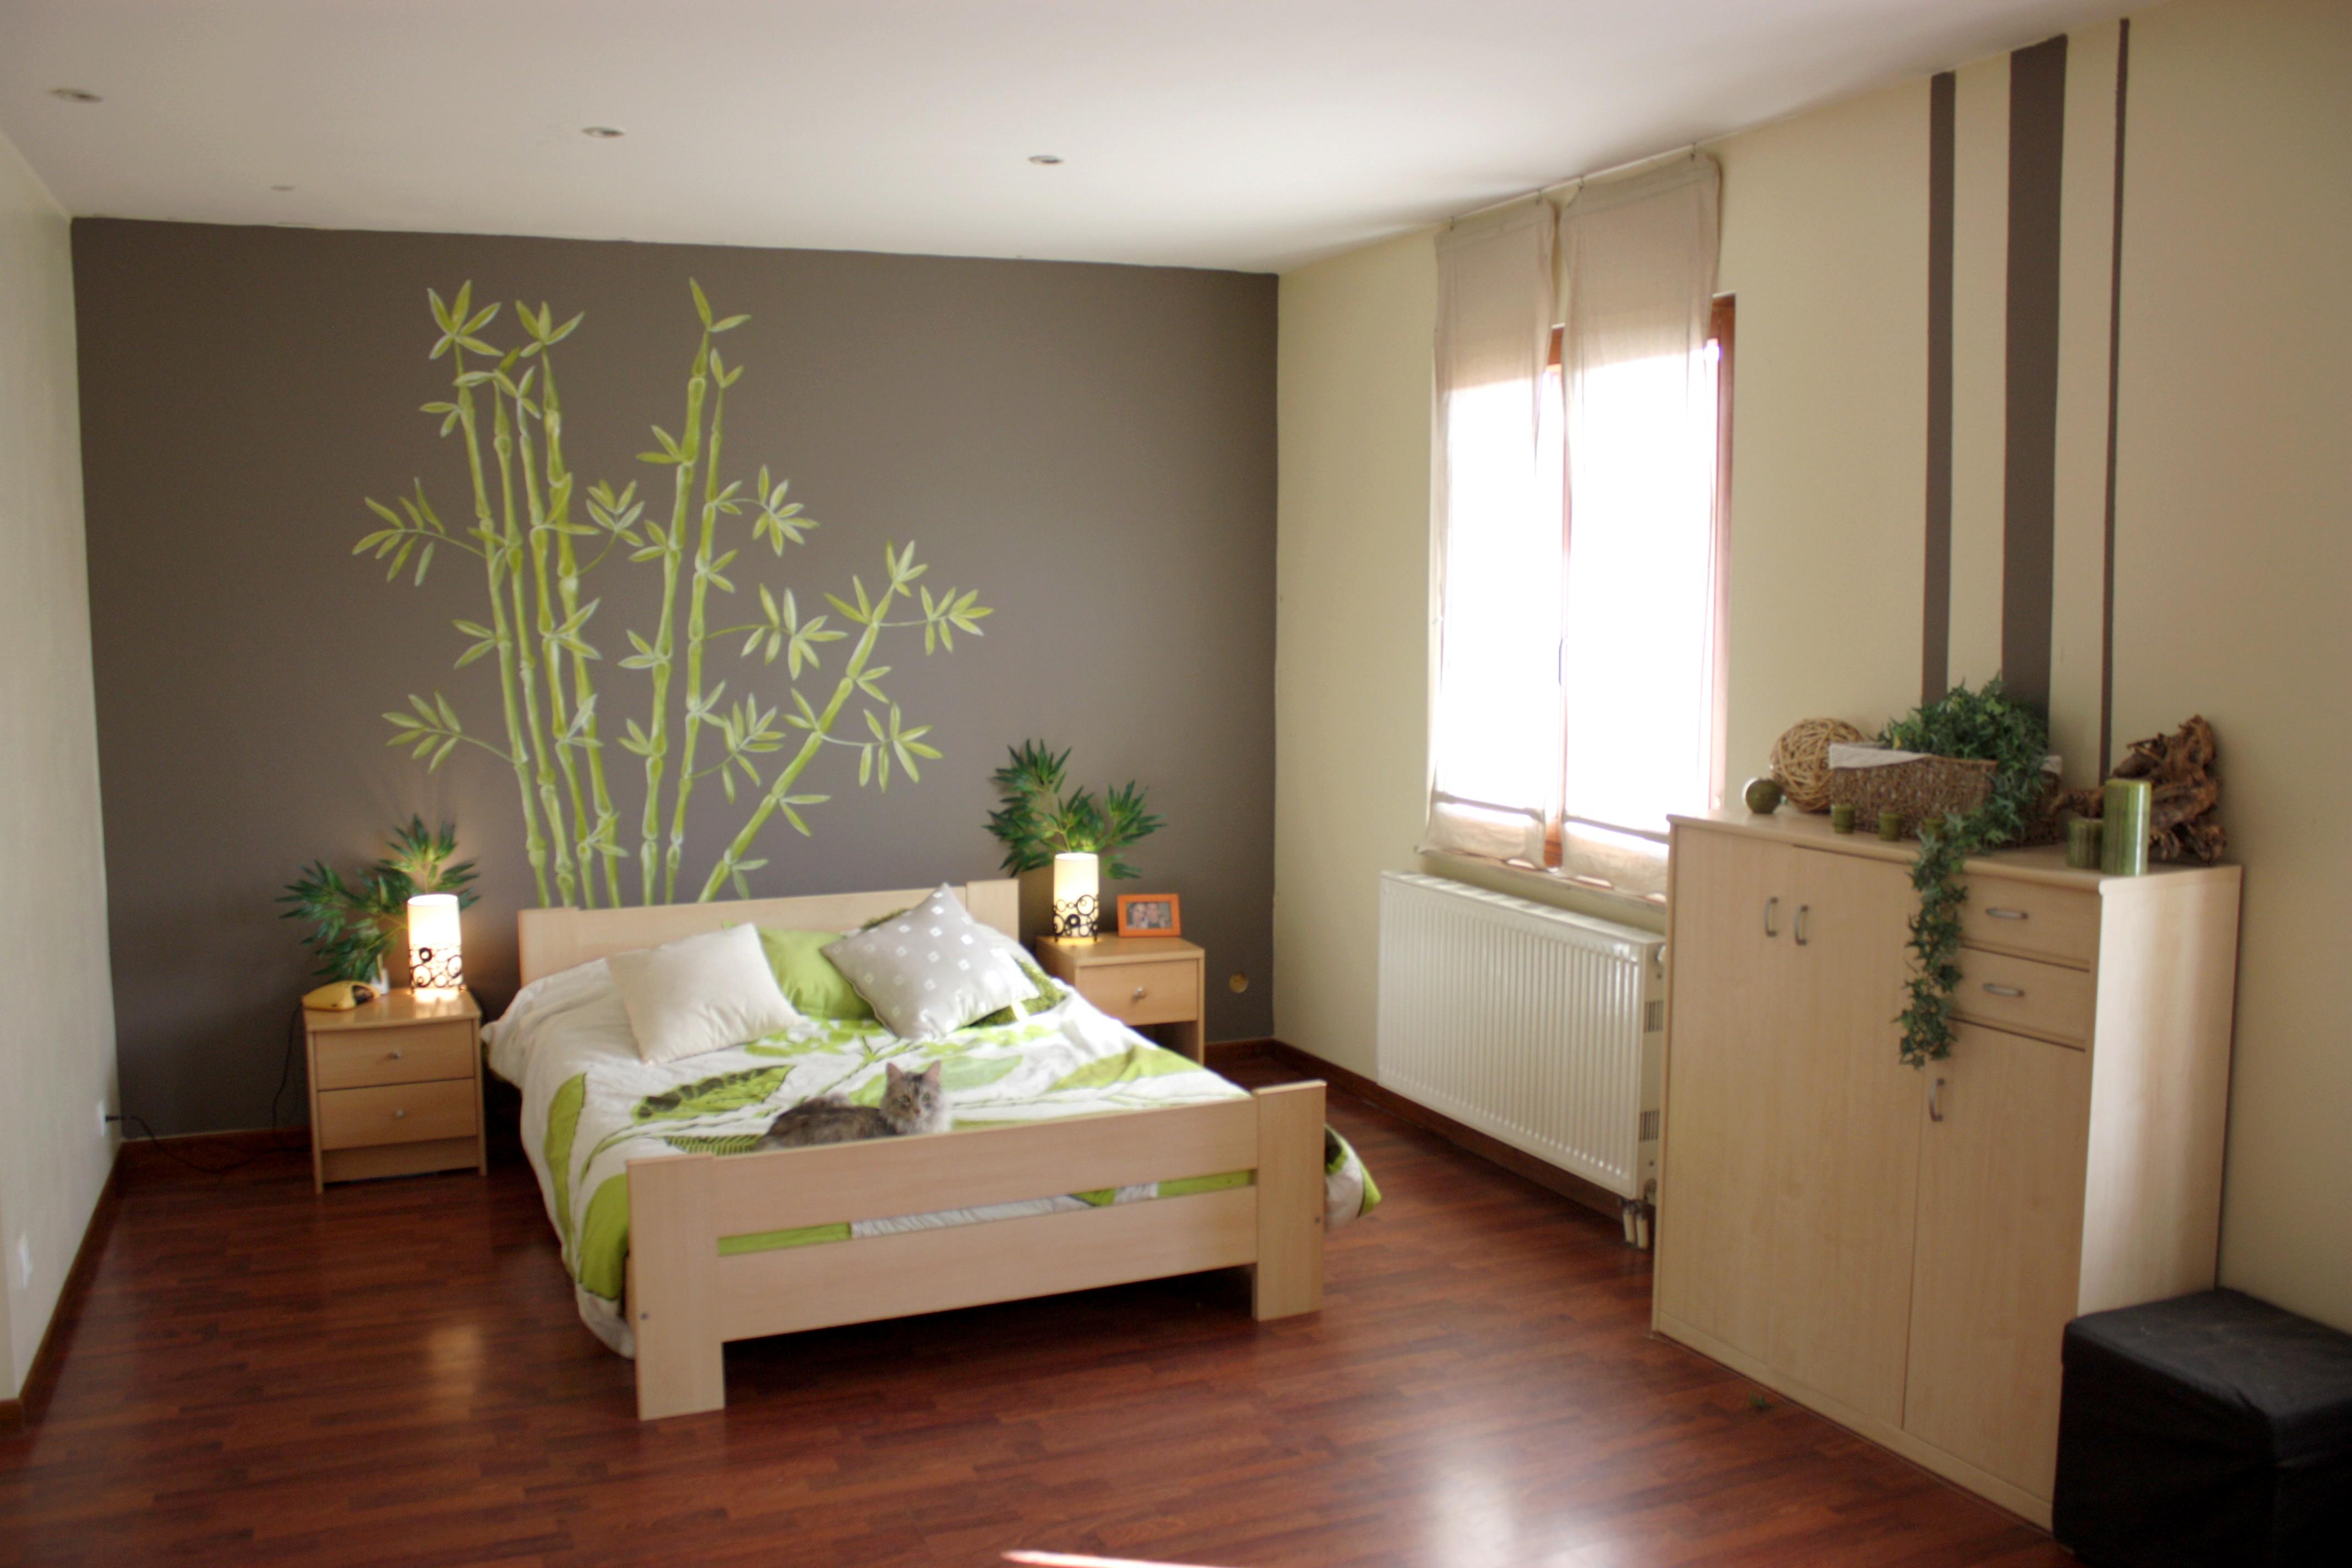 Decoration peinture beige